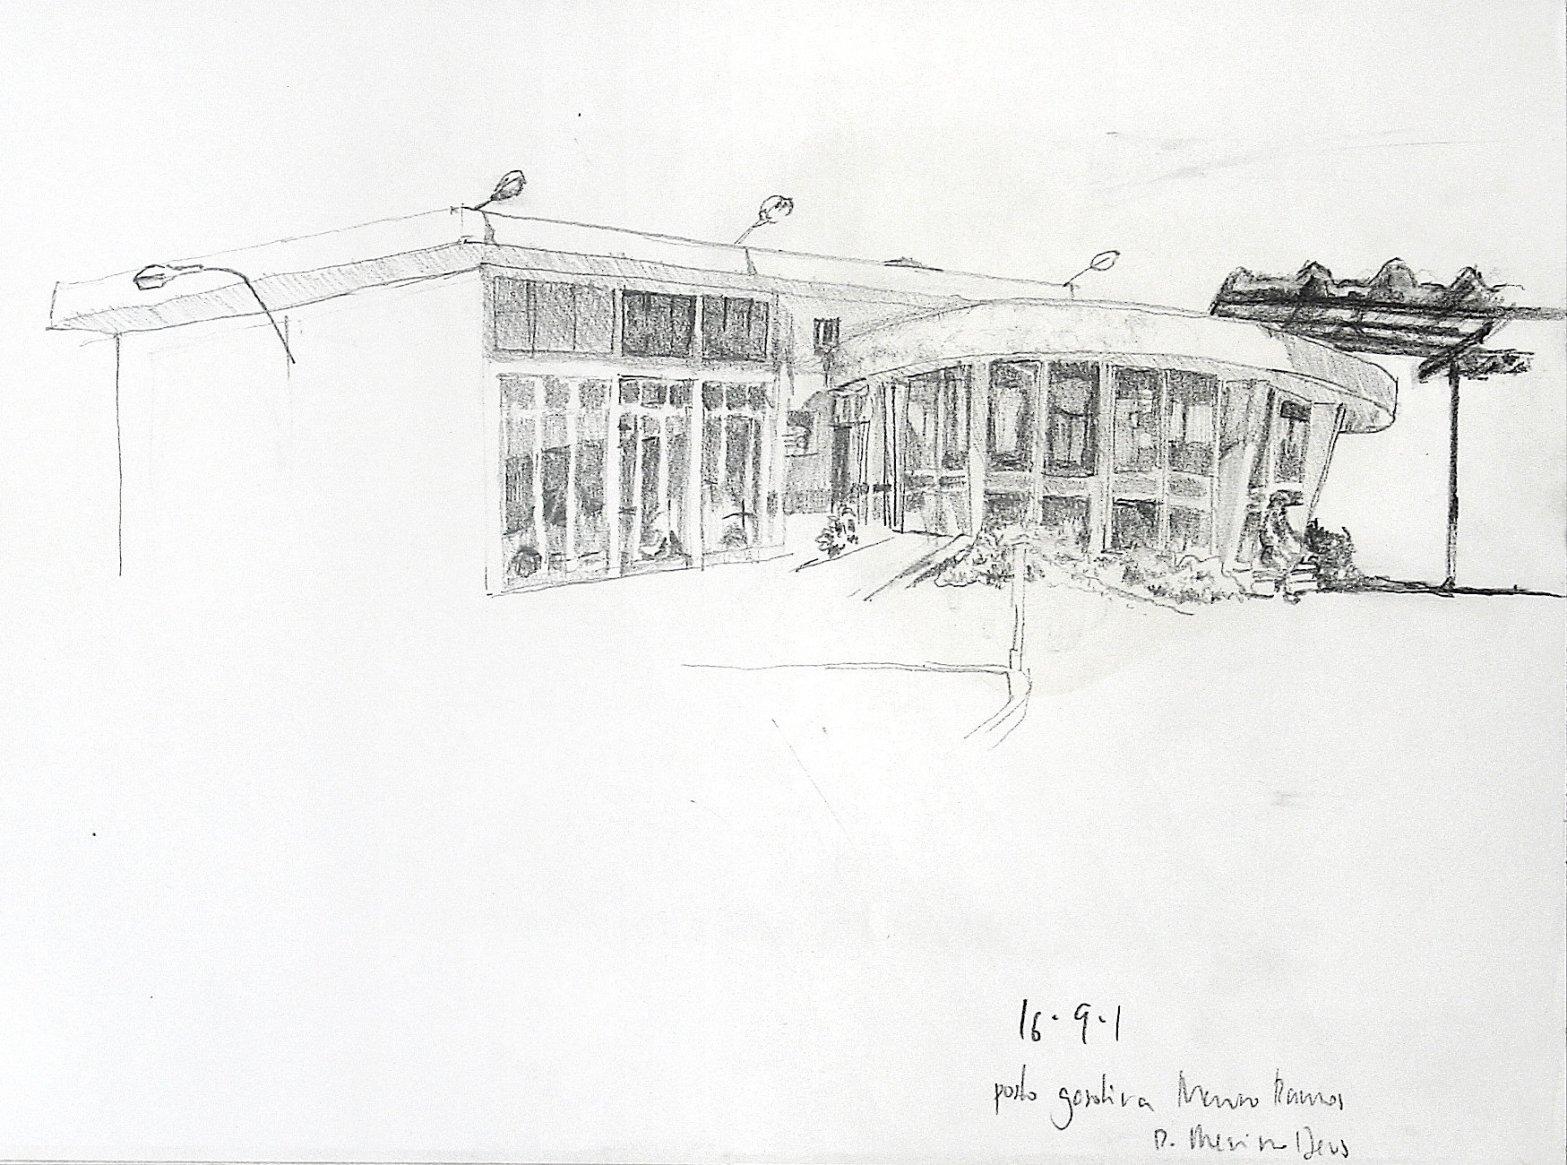 Desenho a lápis mostrando um posto de gasolina